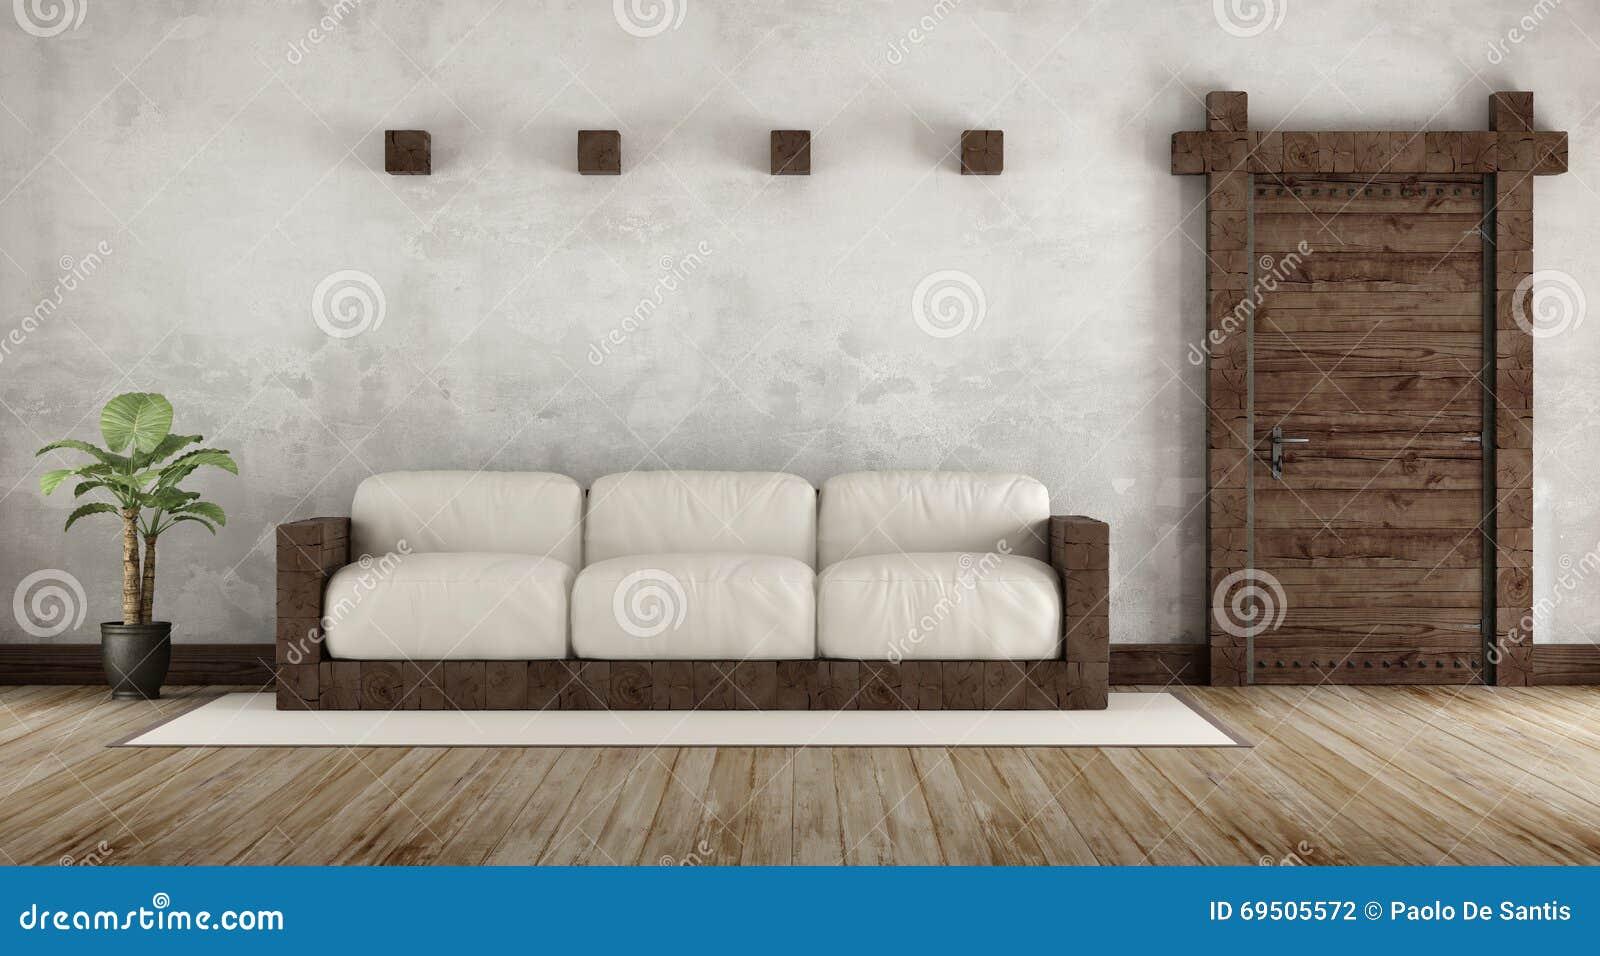 Blandare Kok Lantlig Stil : Vardagsrum i lantlig stil stock illustrationer bild 69505572